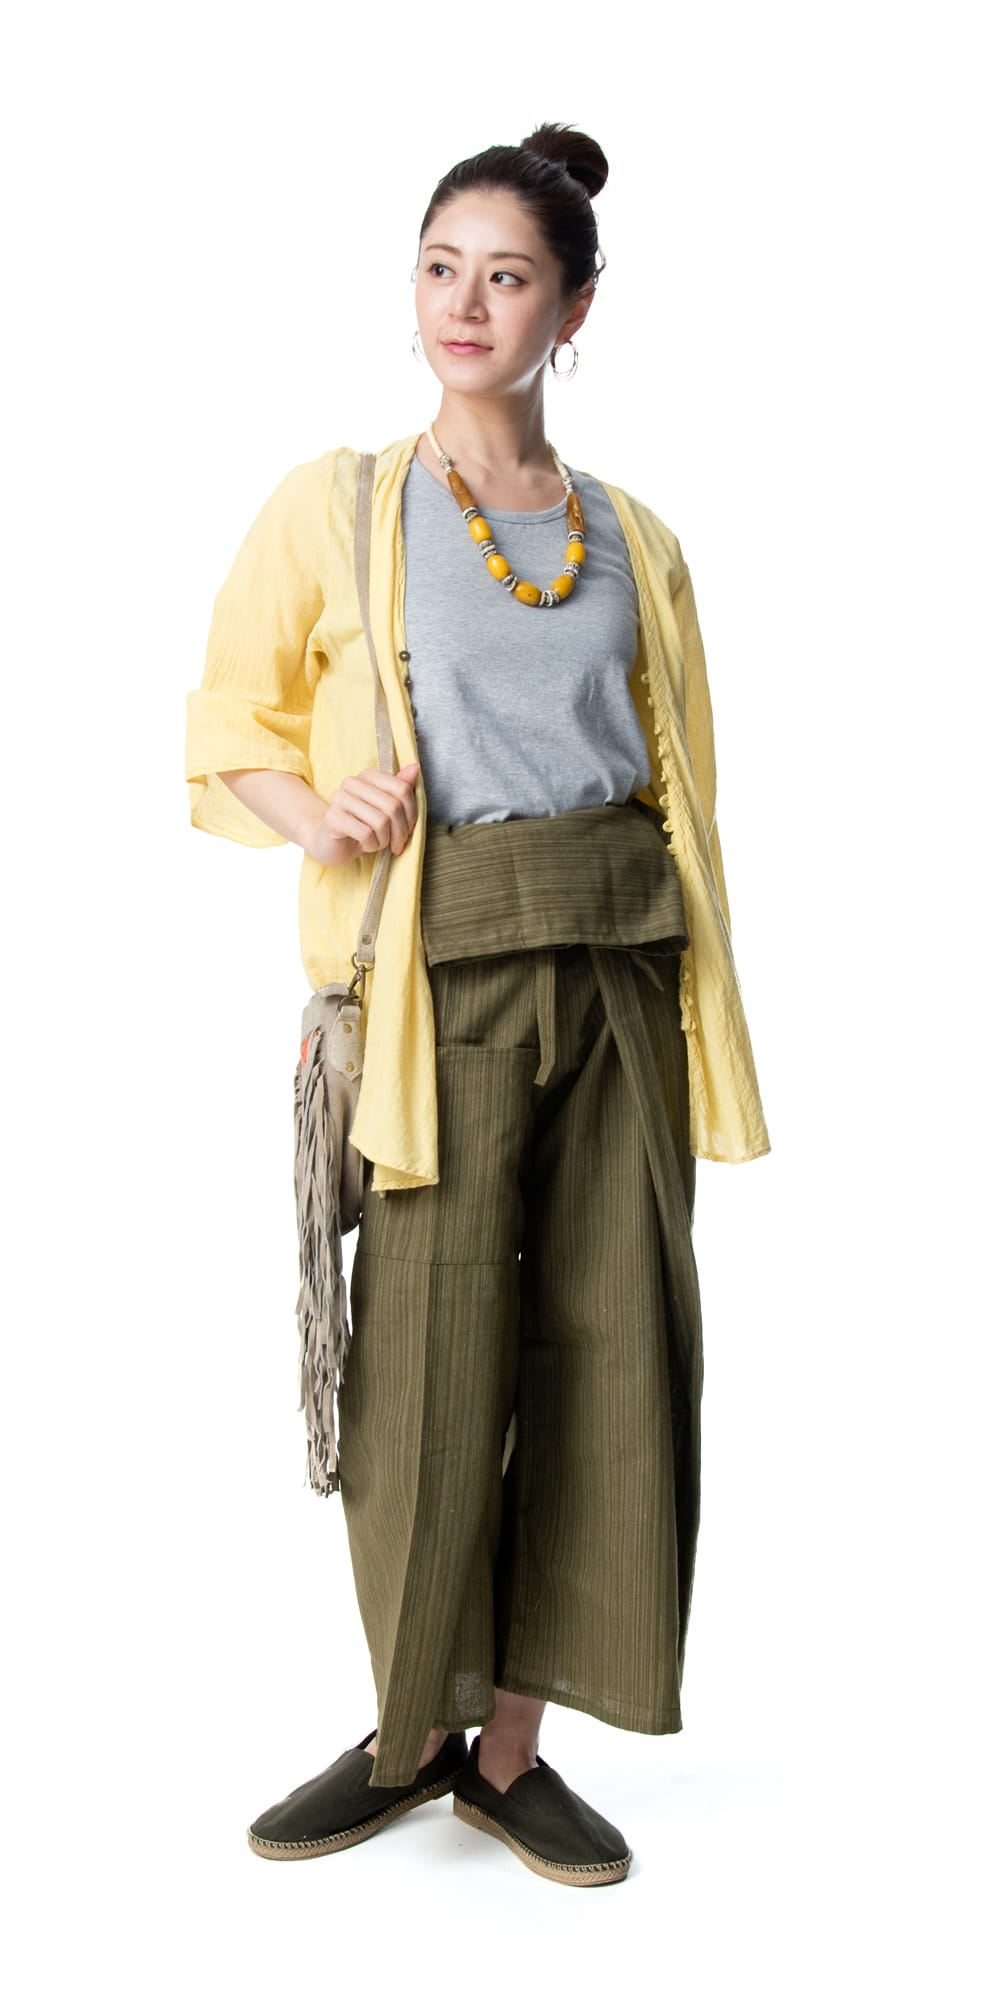 ストライプ織りのコットンタイパンツ 2 - 身長165cmのモデルさん着用例です。選択1のカーキを着用しています。